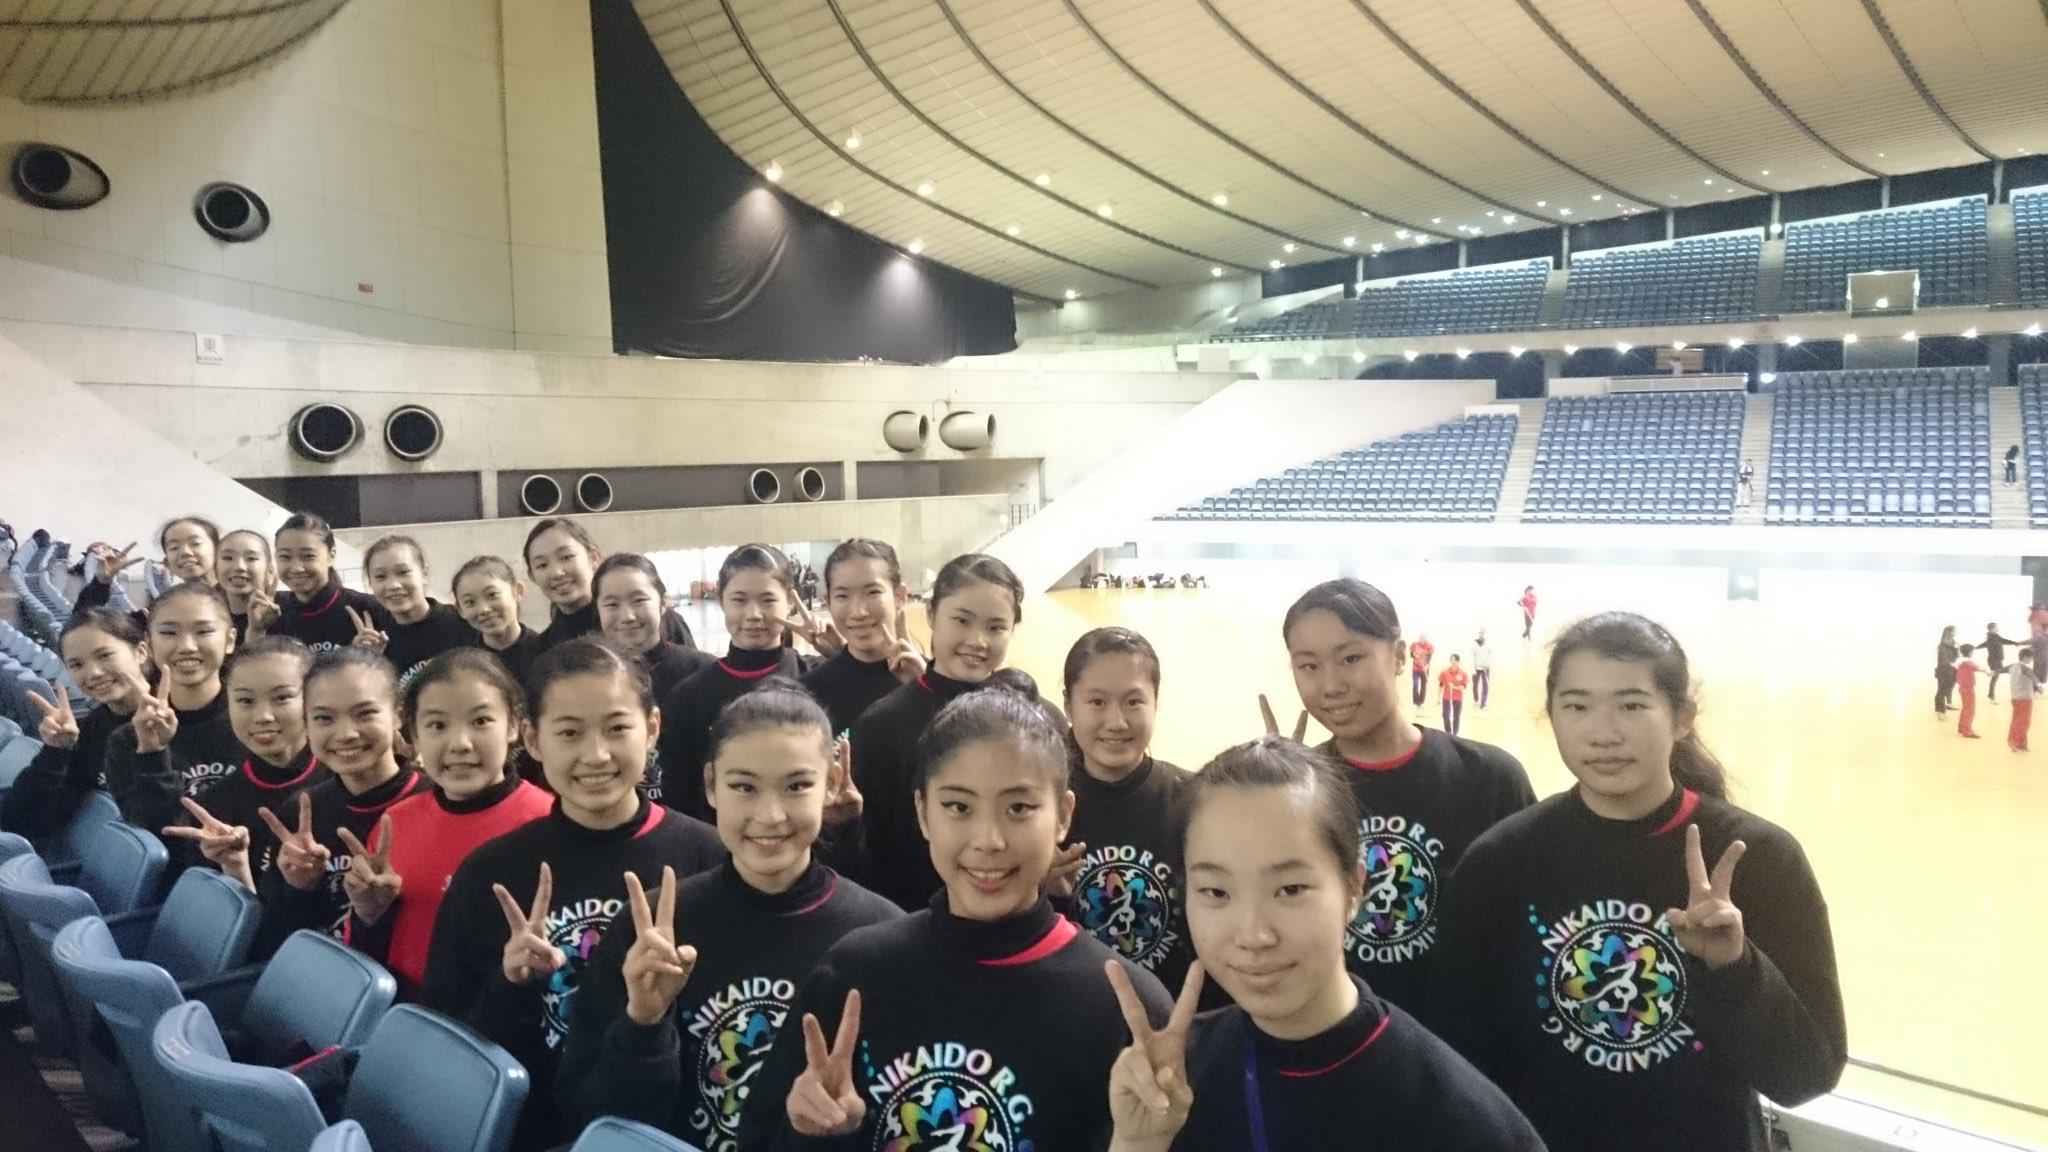 日本 女子 体育 大学 附属 二階堂 高等 学校